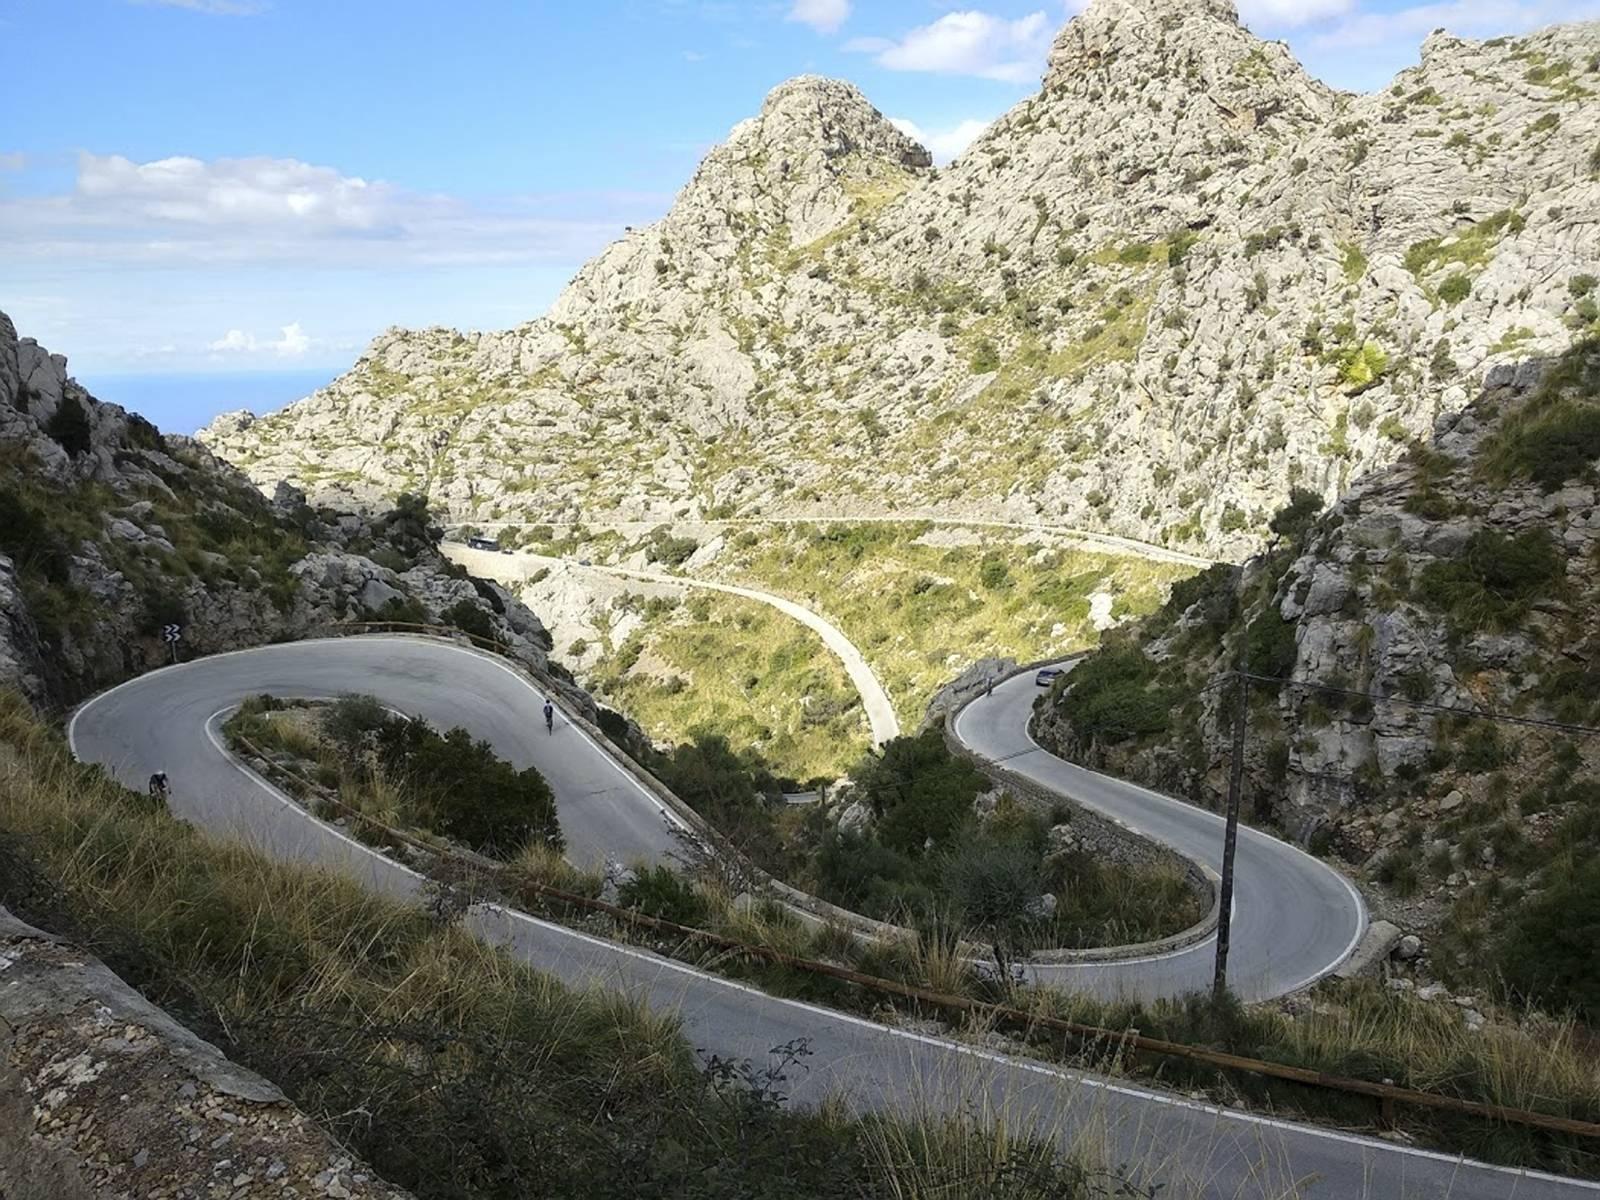 sa calobra rowerem kreta droga w gorach serpentyny najpiekniejsze trasy swiata